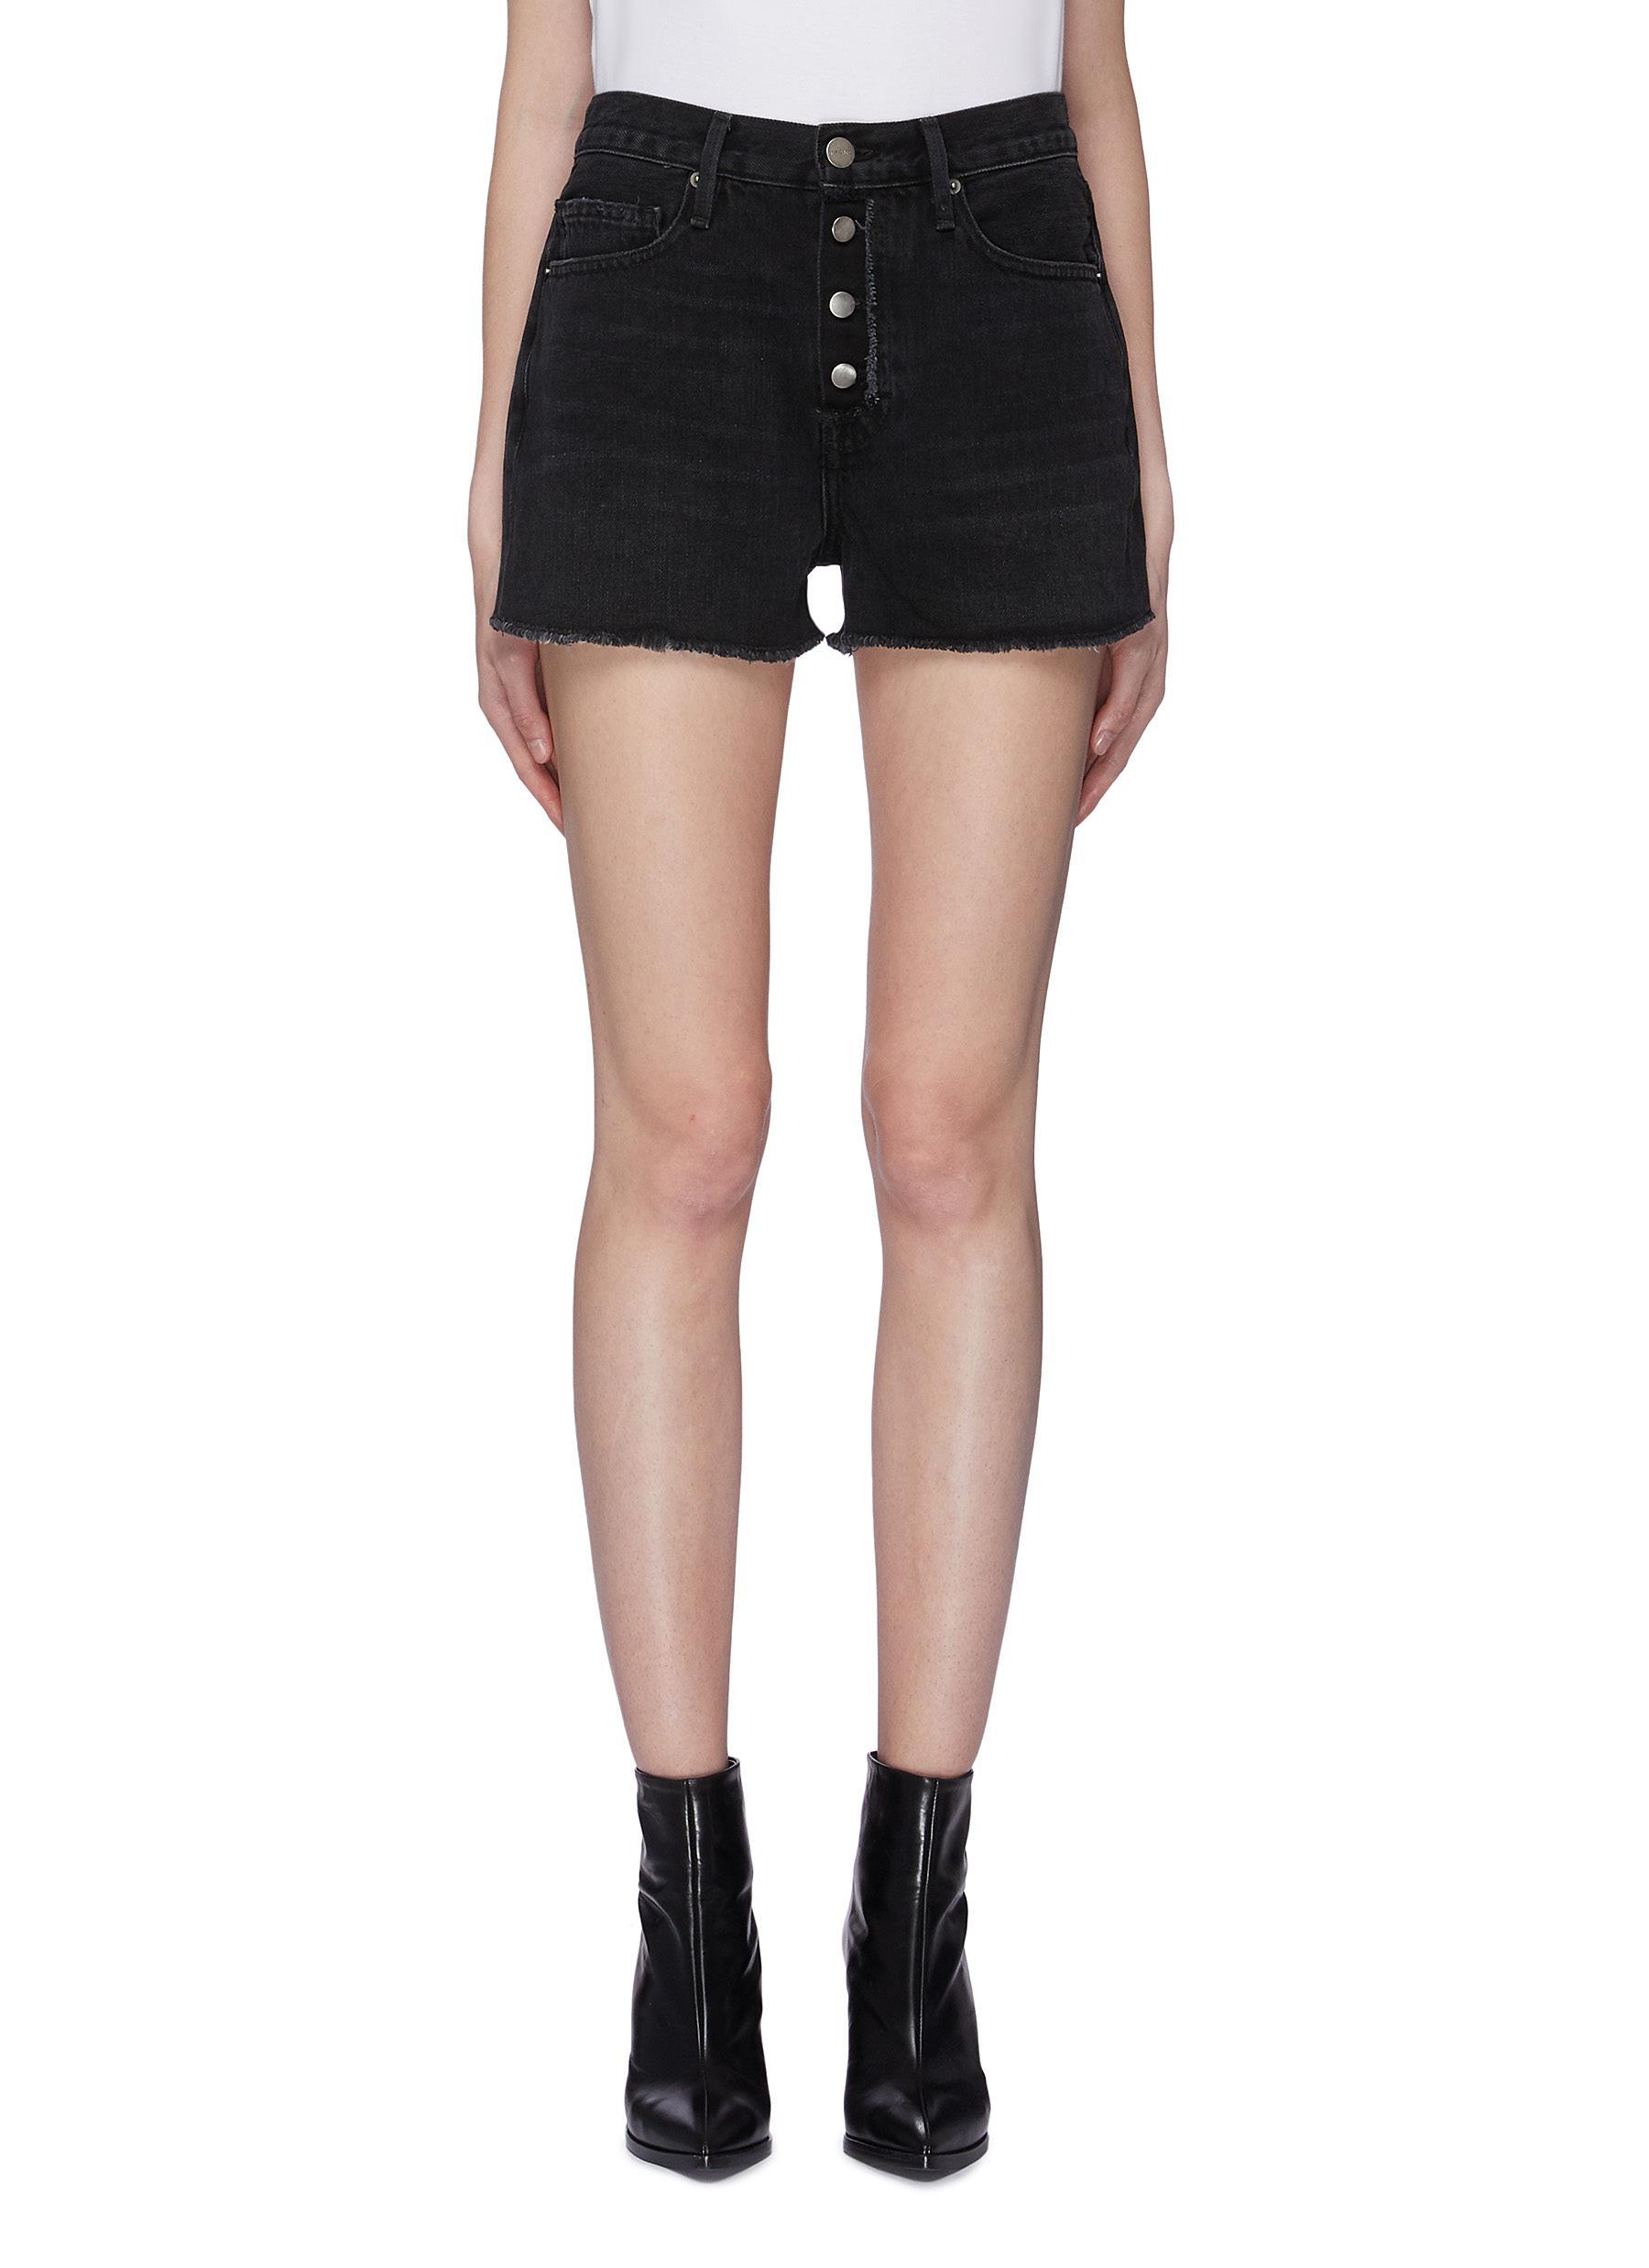 Raw edge denim shorts by Frame Denim